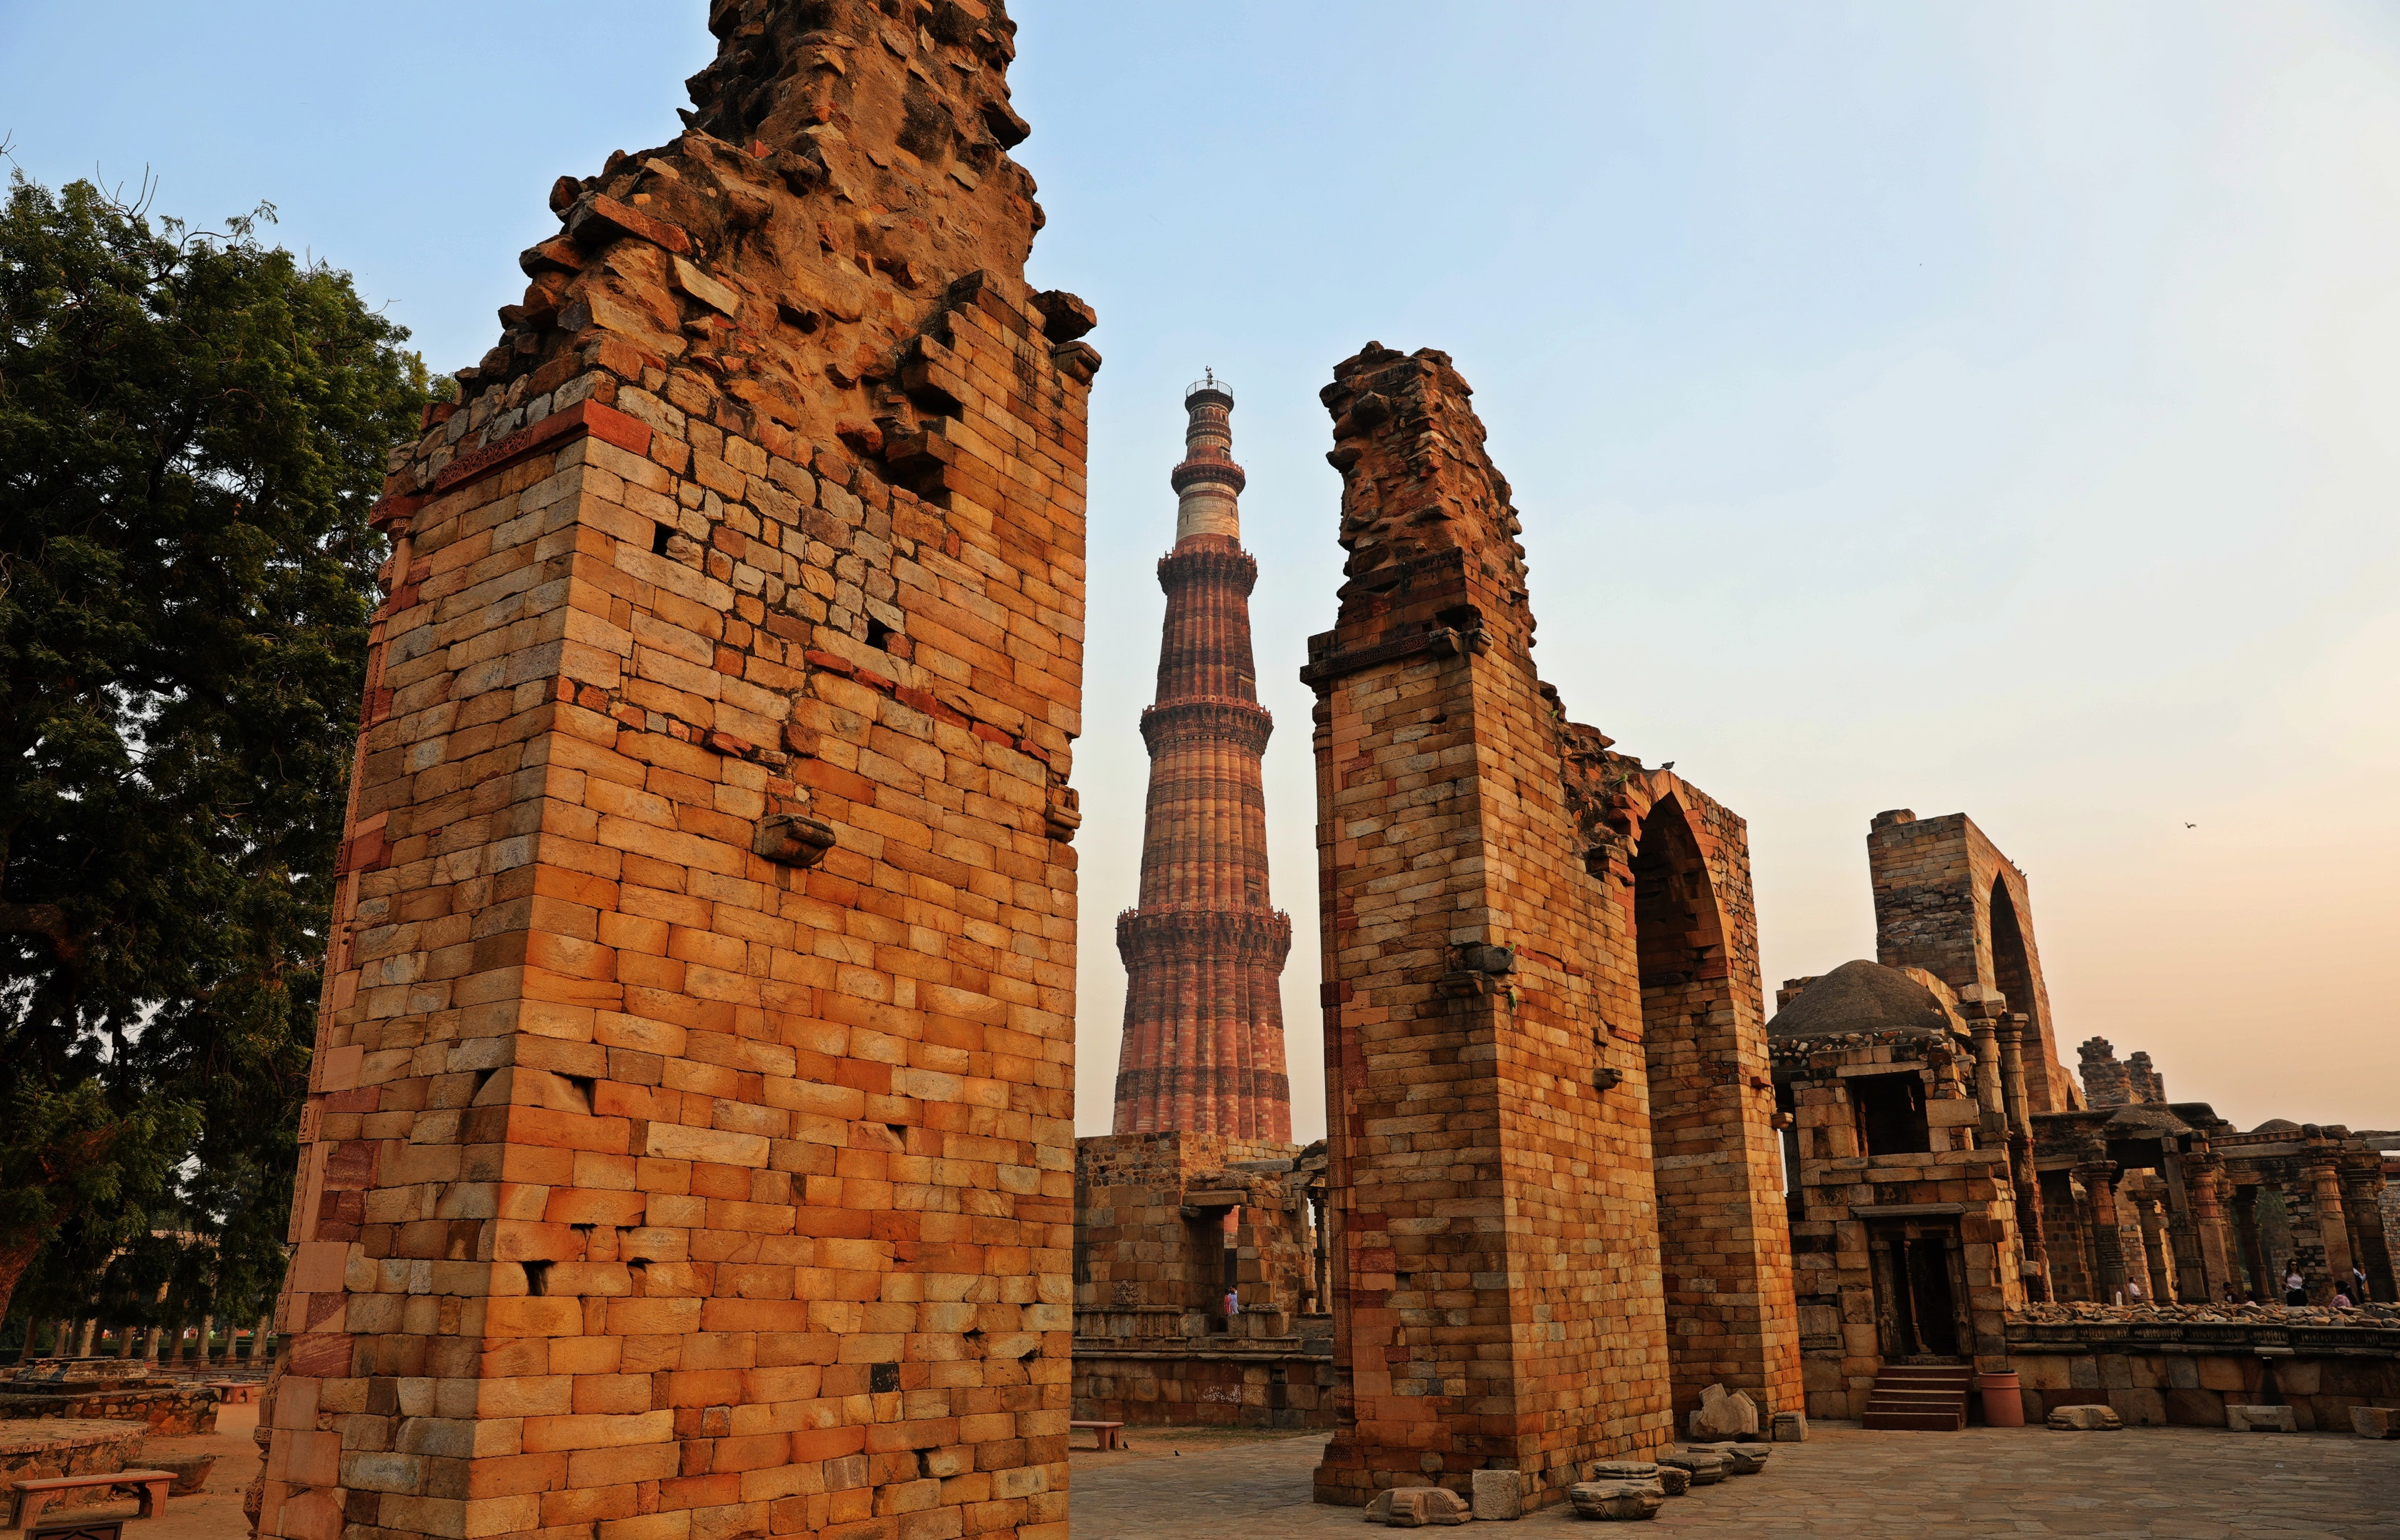 Ruins at Qutab Minar complex, Delhi